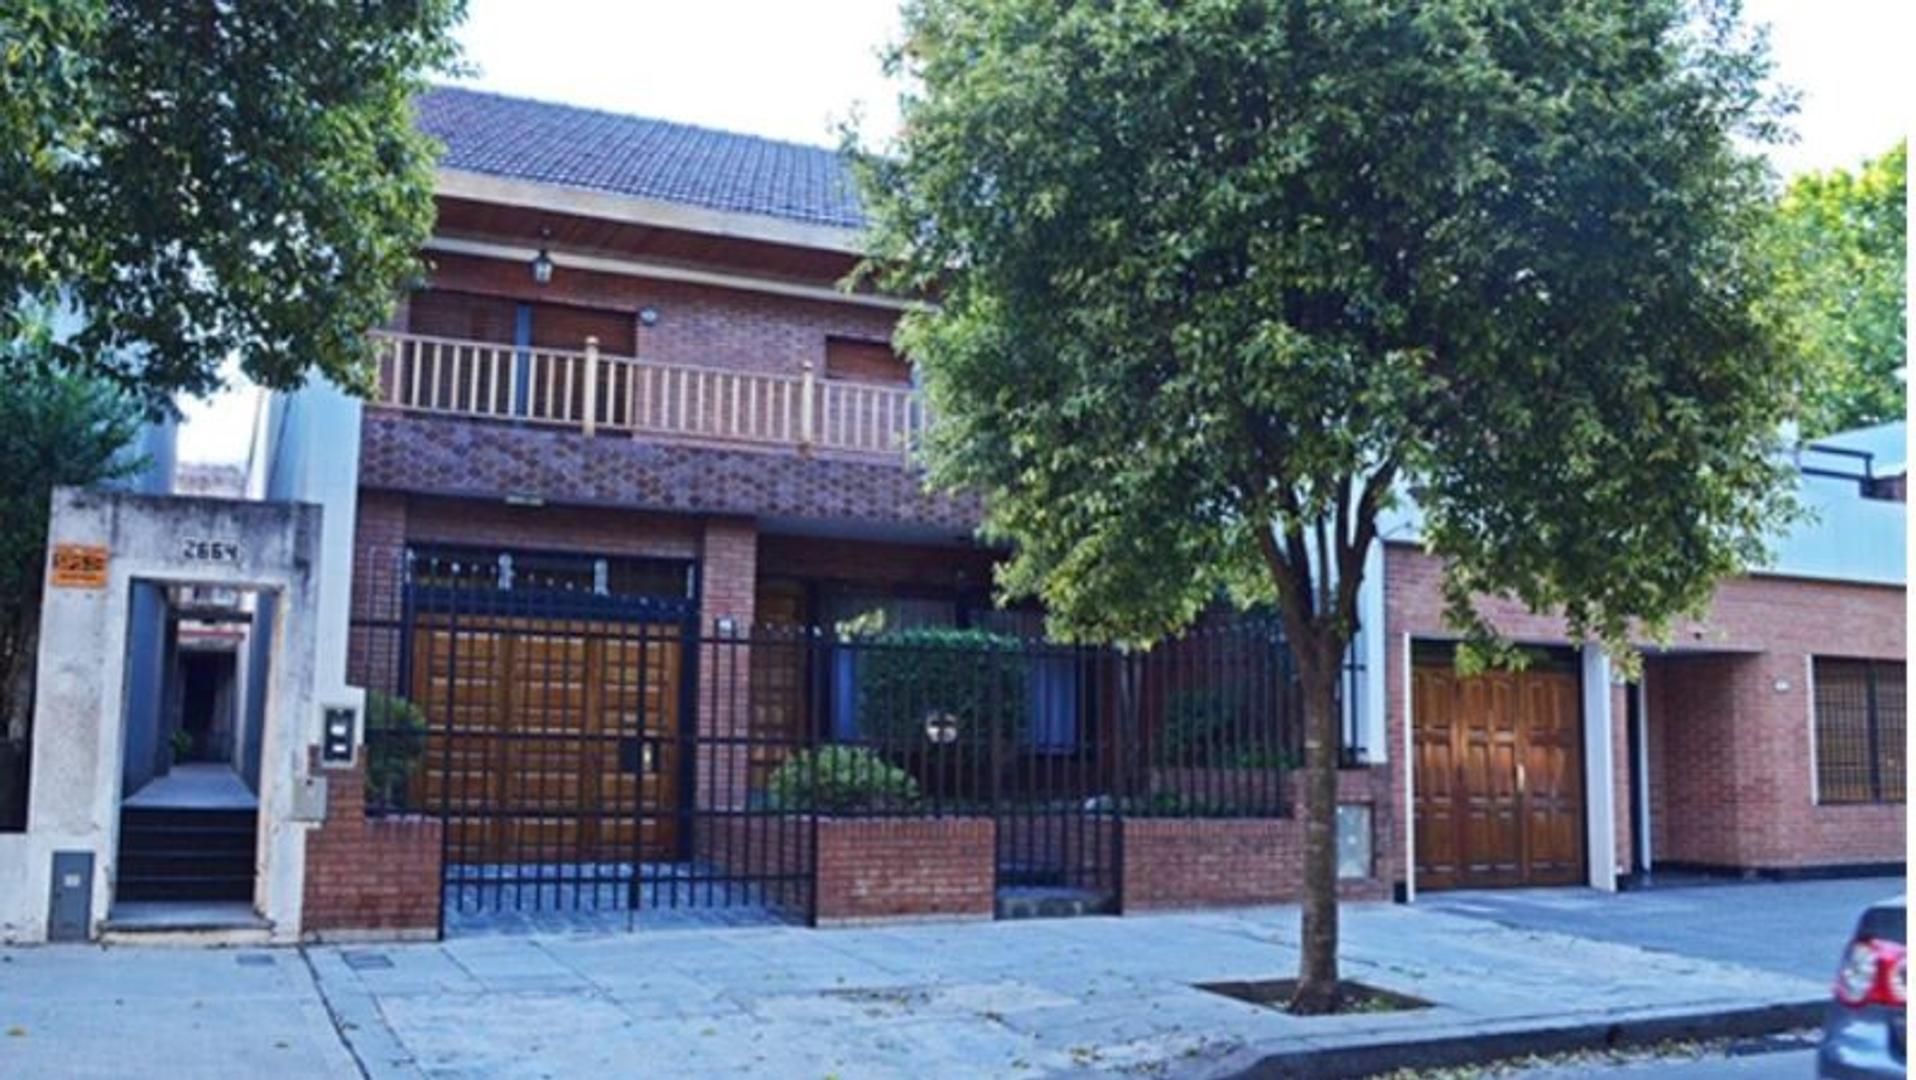 Hermosa Casa 6 amb c/dep Gje 2 autos Jardin y Parrilla